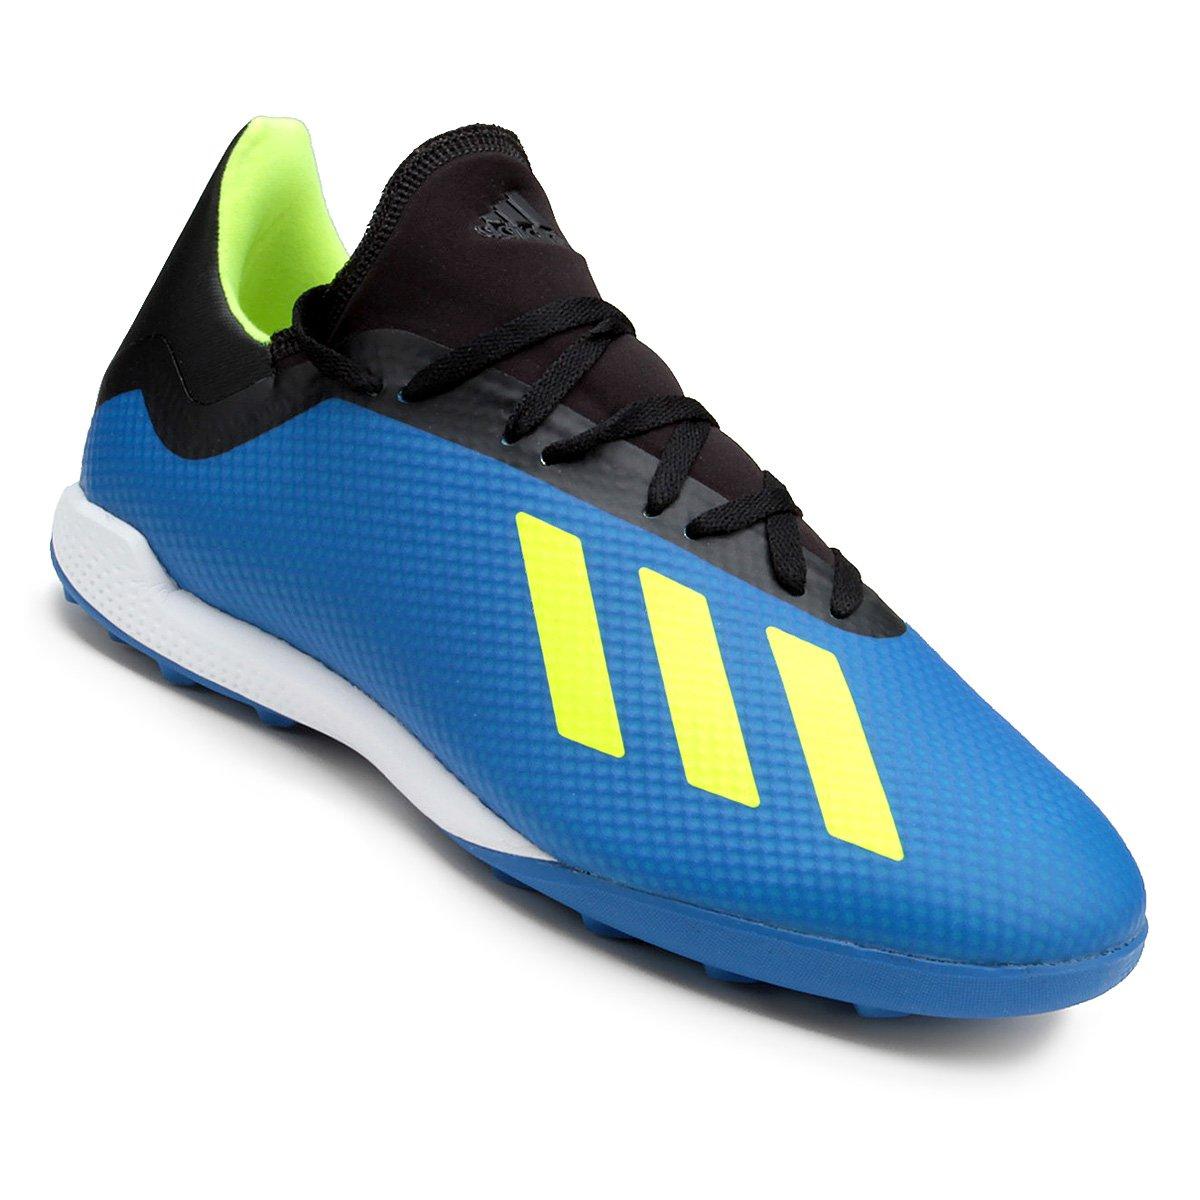 promo code ce396 2940c Chuteira Society Adidas X Tango 18 3 TF - Azul e Preto - Compre Agora    Allianz Parque Shop